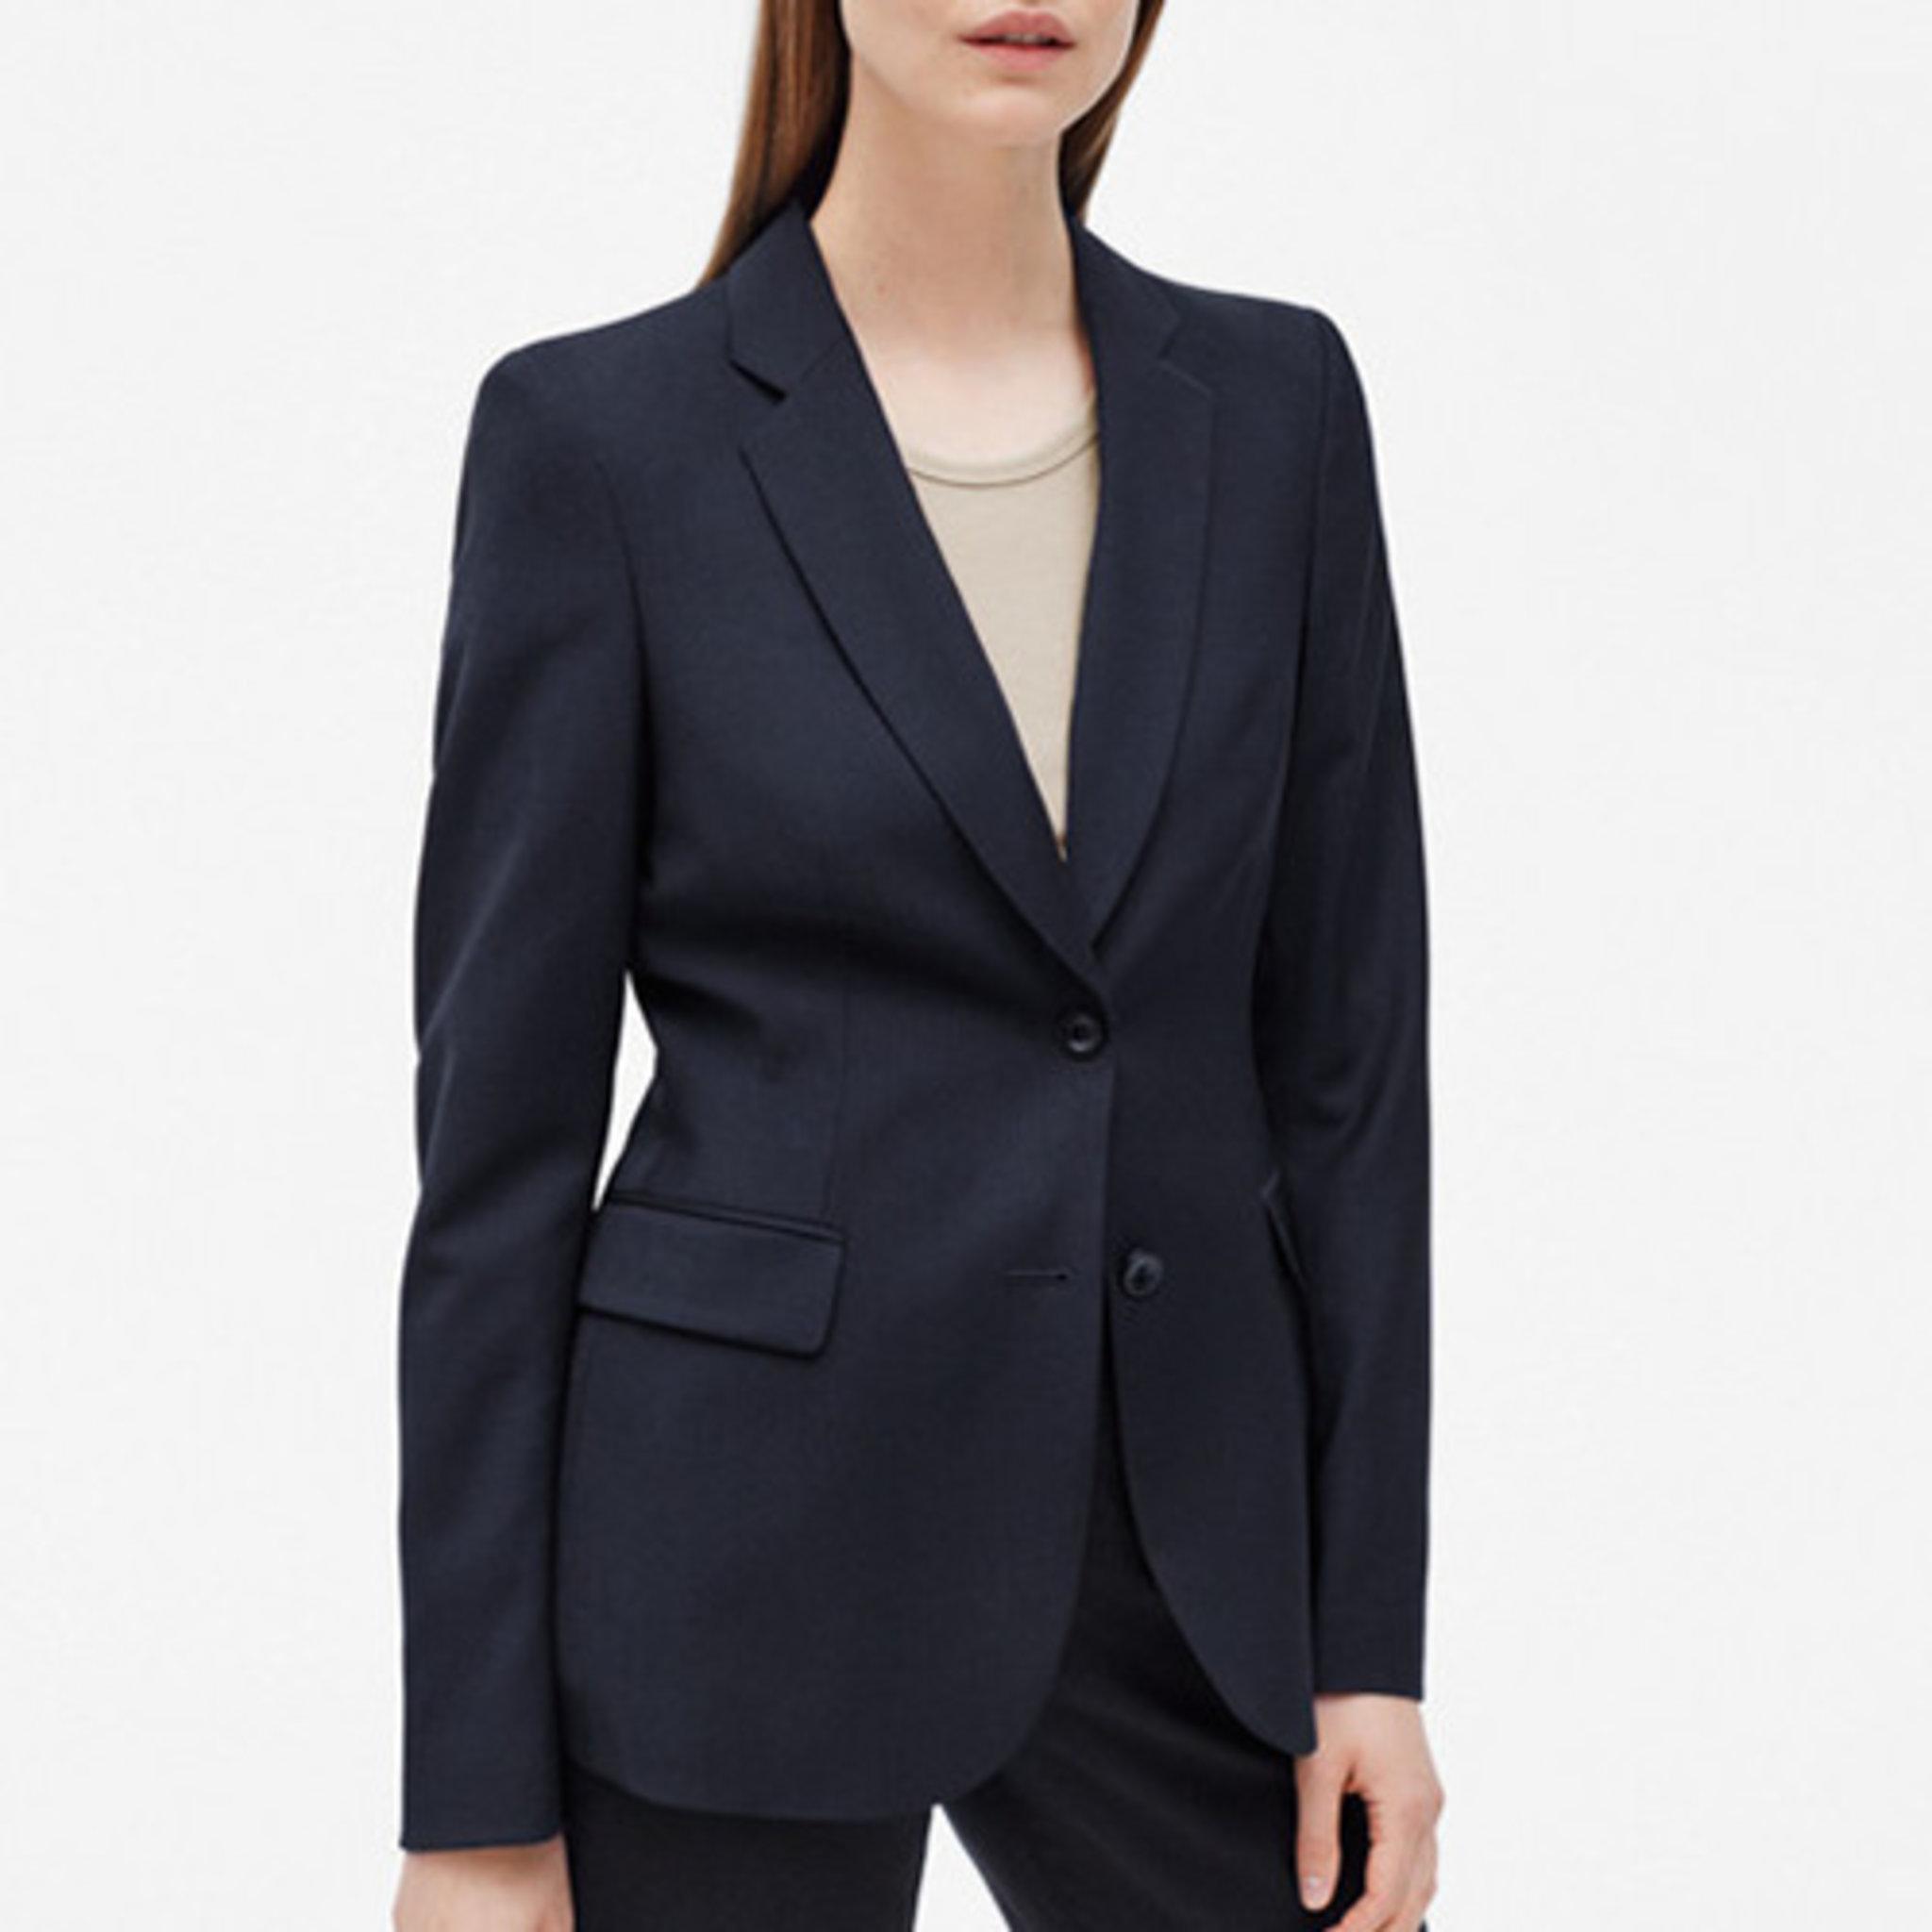 Eve Cool Wool Jacket - Jackor - Köp online på åhlens.se! a7959390aeddc